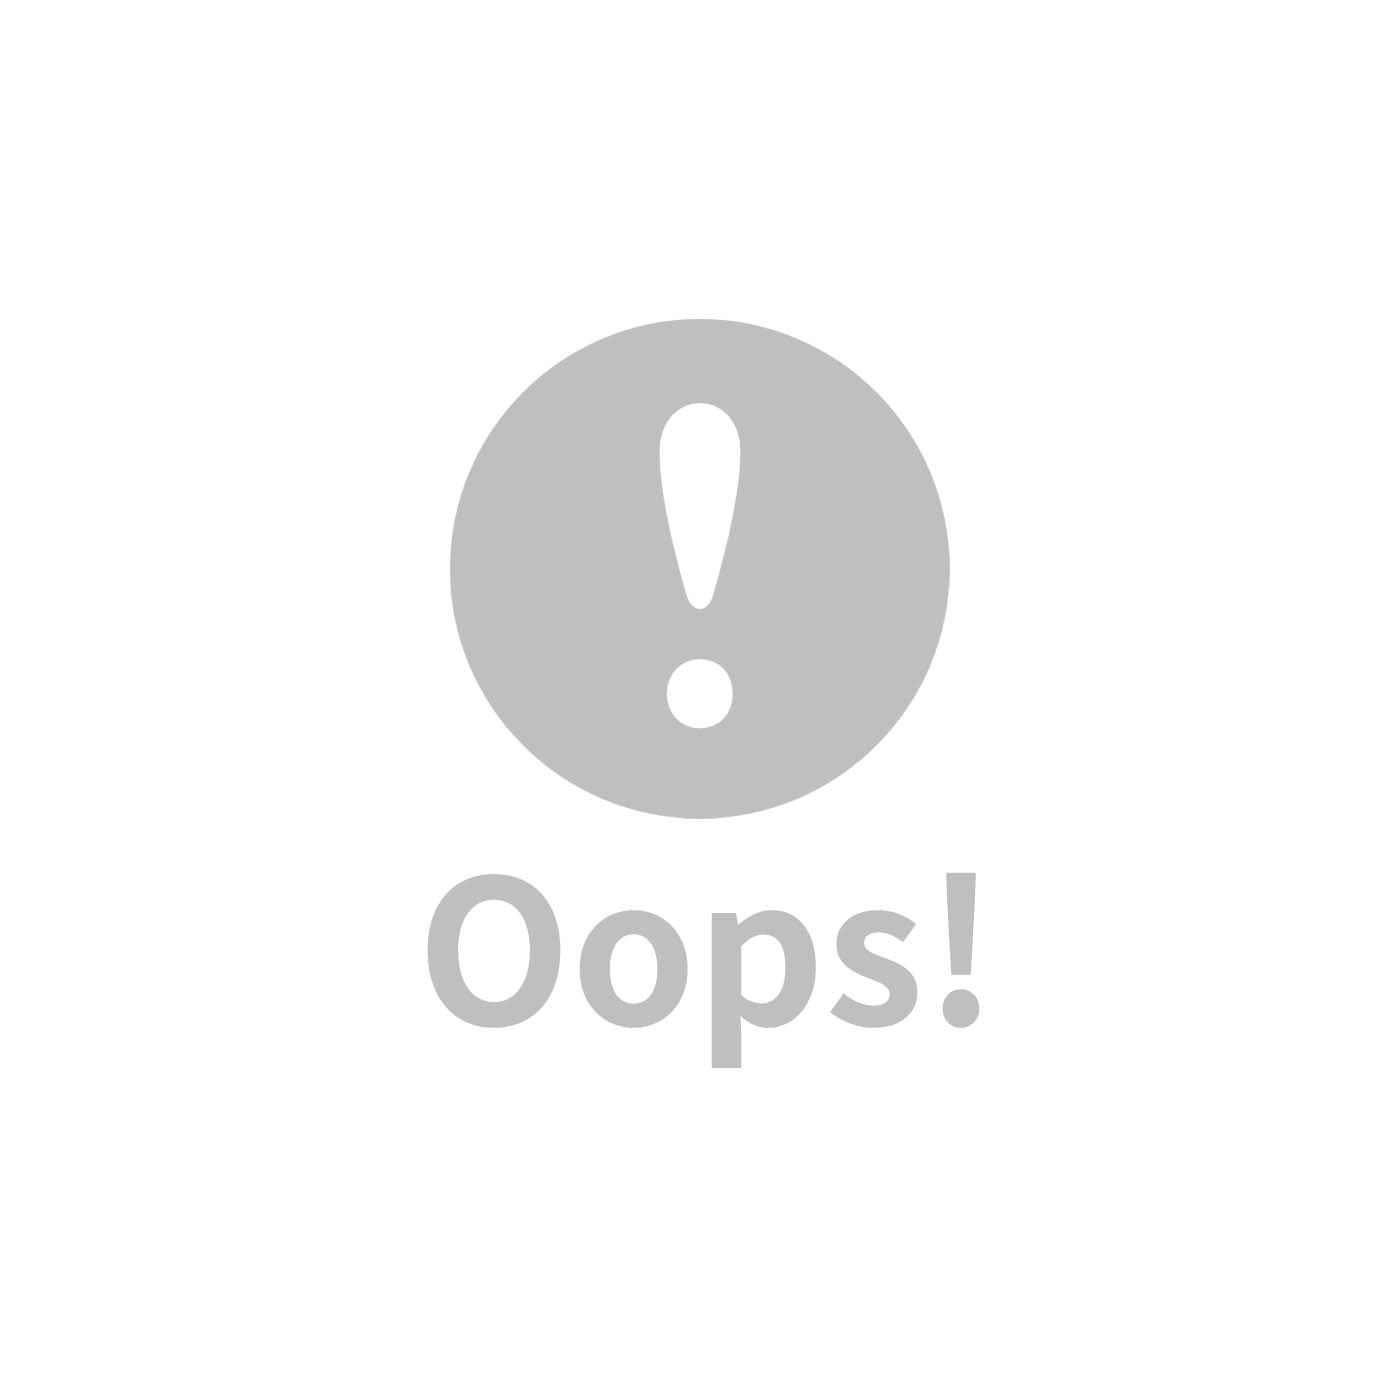 global affairs 童話手工編織安撫搖鈴_動物派對(小猴子)